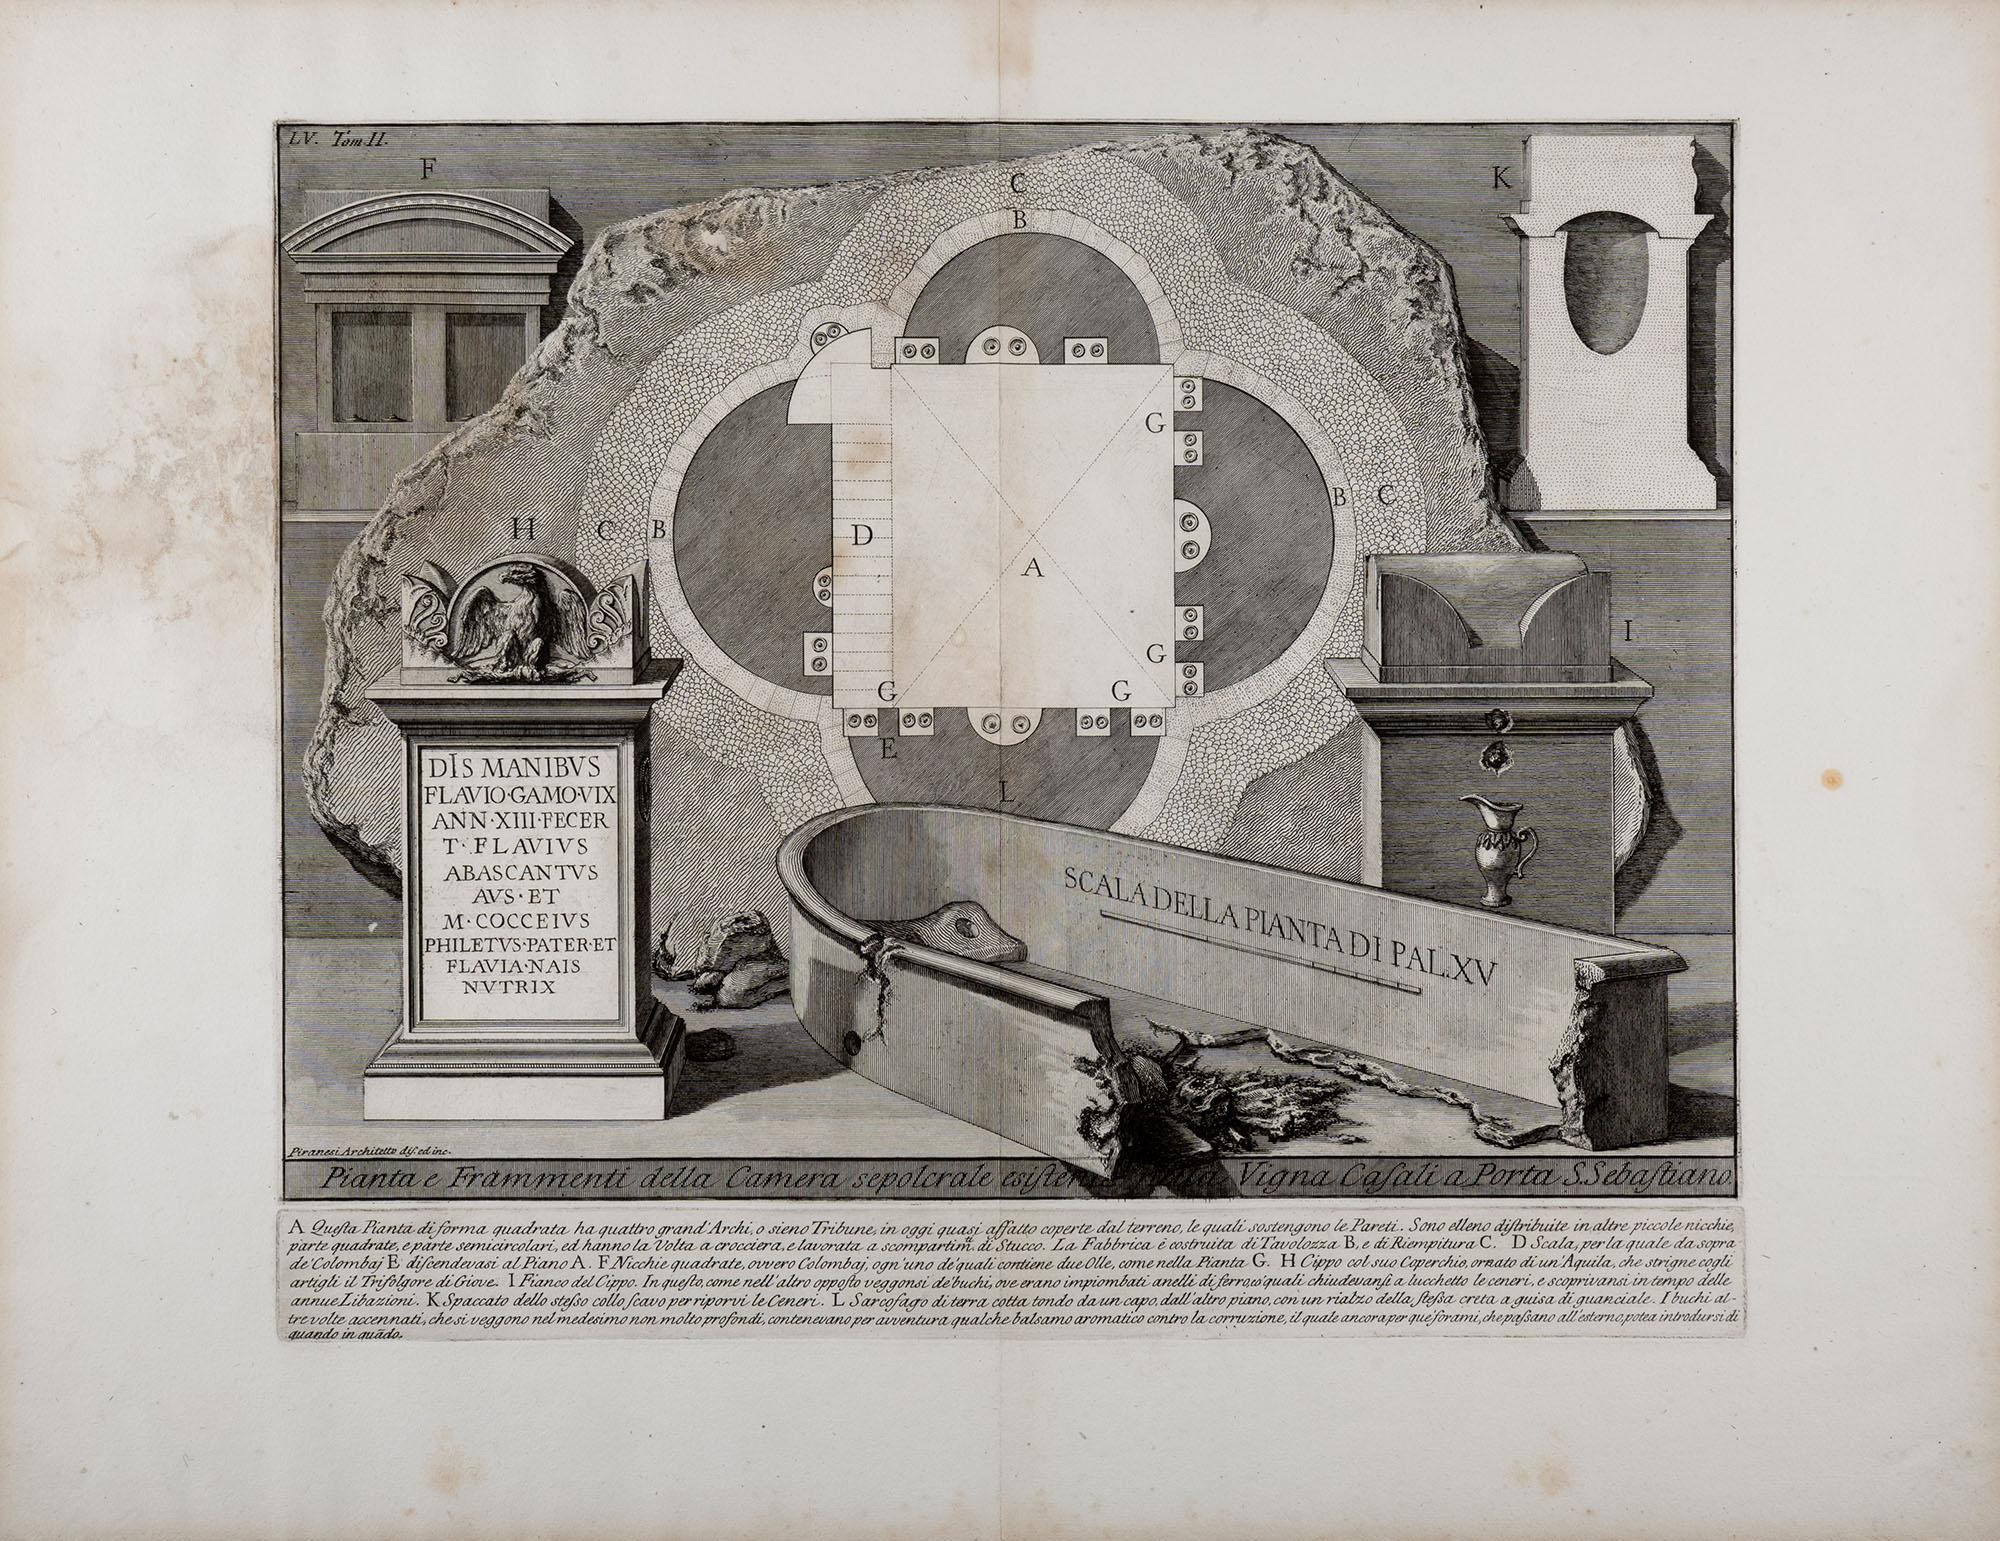 16. Pianta e Frammenti della Camera sepolcrale esistente nella Vigna Casali a Porta S. Sebastiano